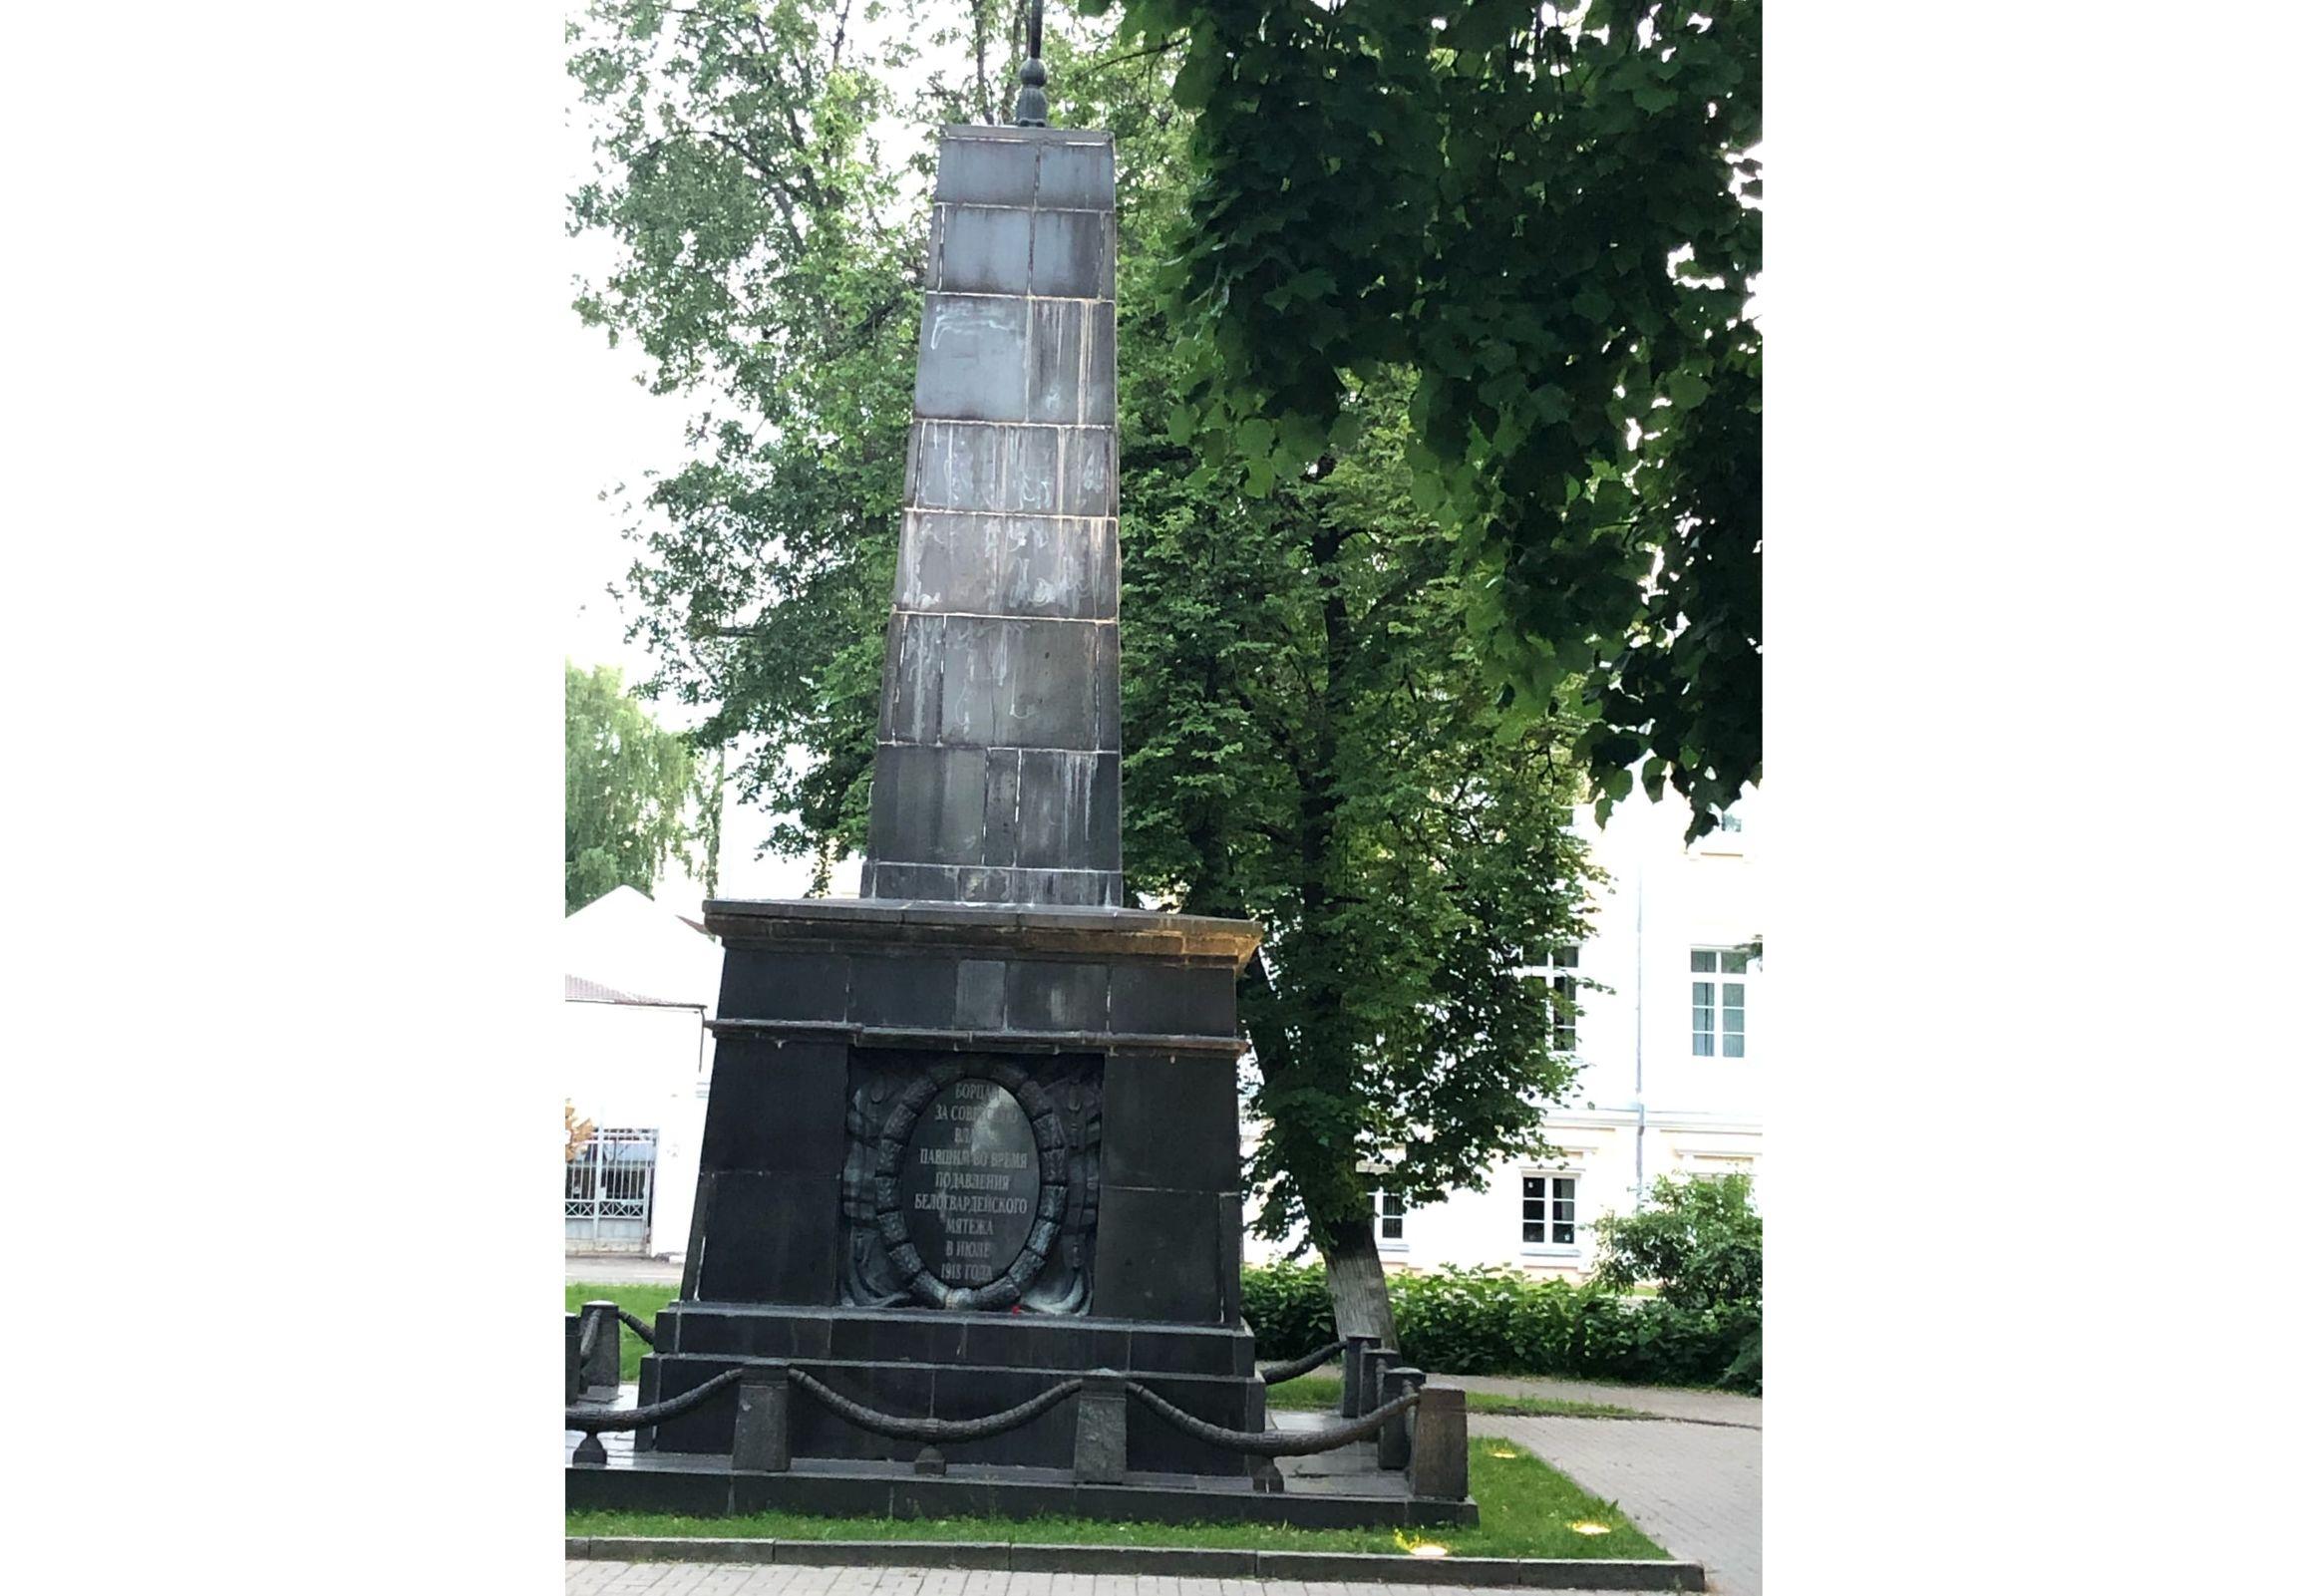 Власти Ярославля в соцсетях отреагировал на просьбу очистить памятник в центре Ярославля